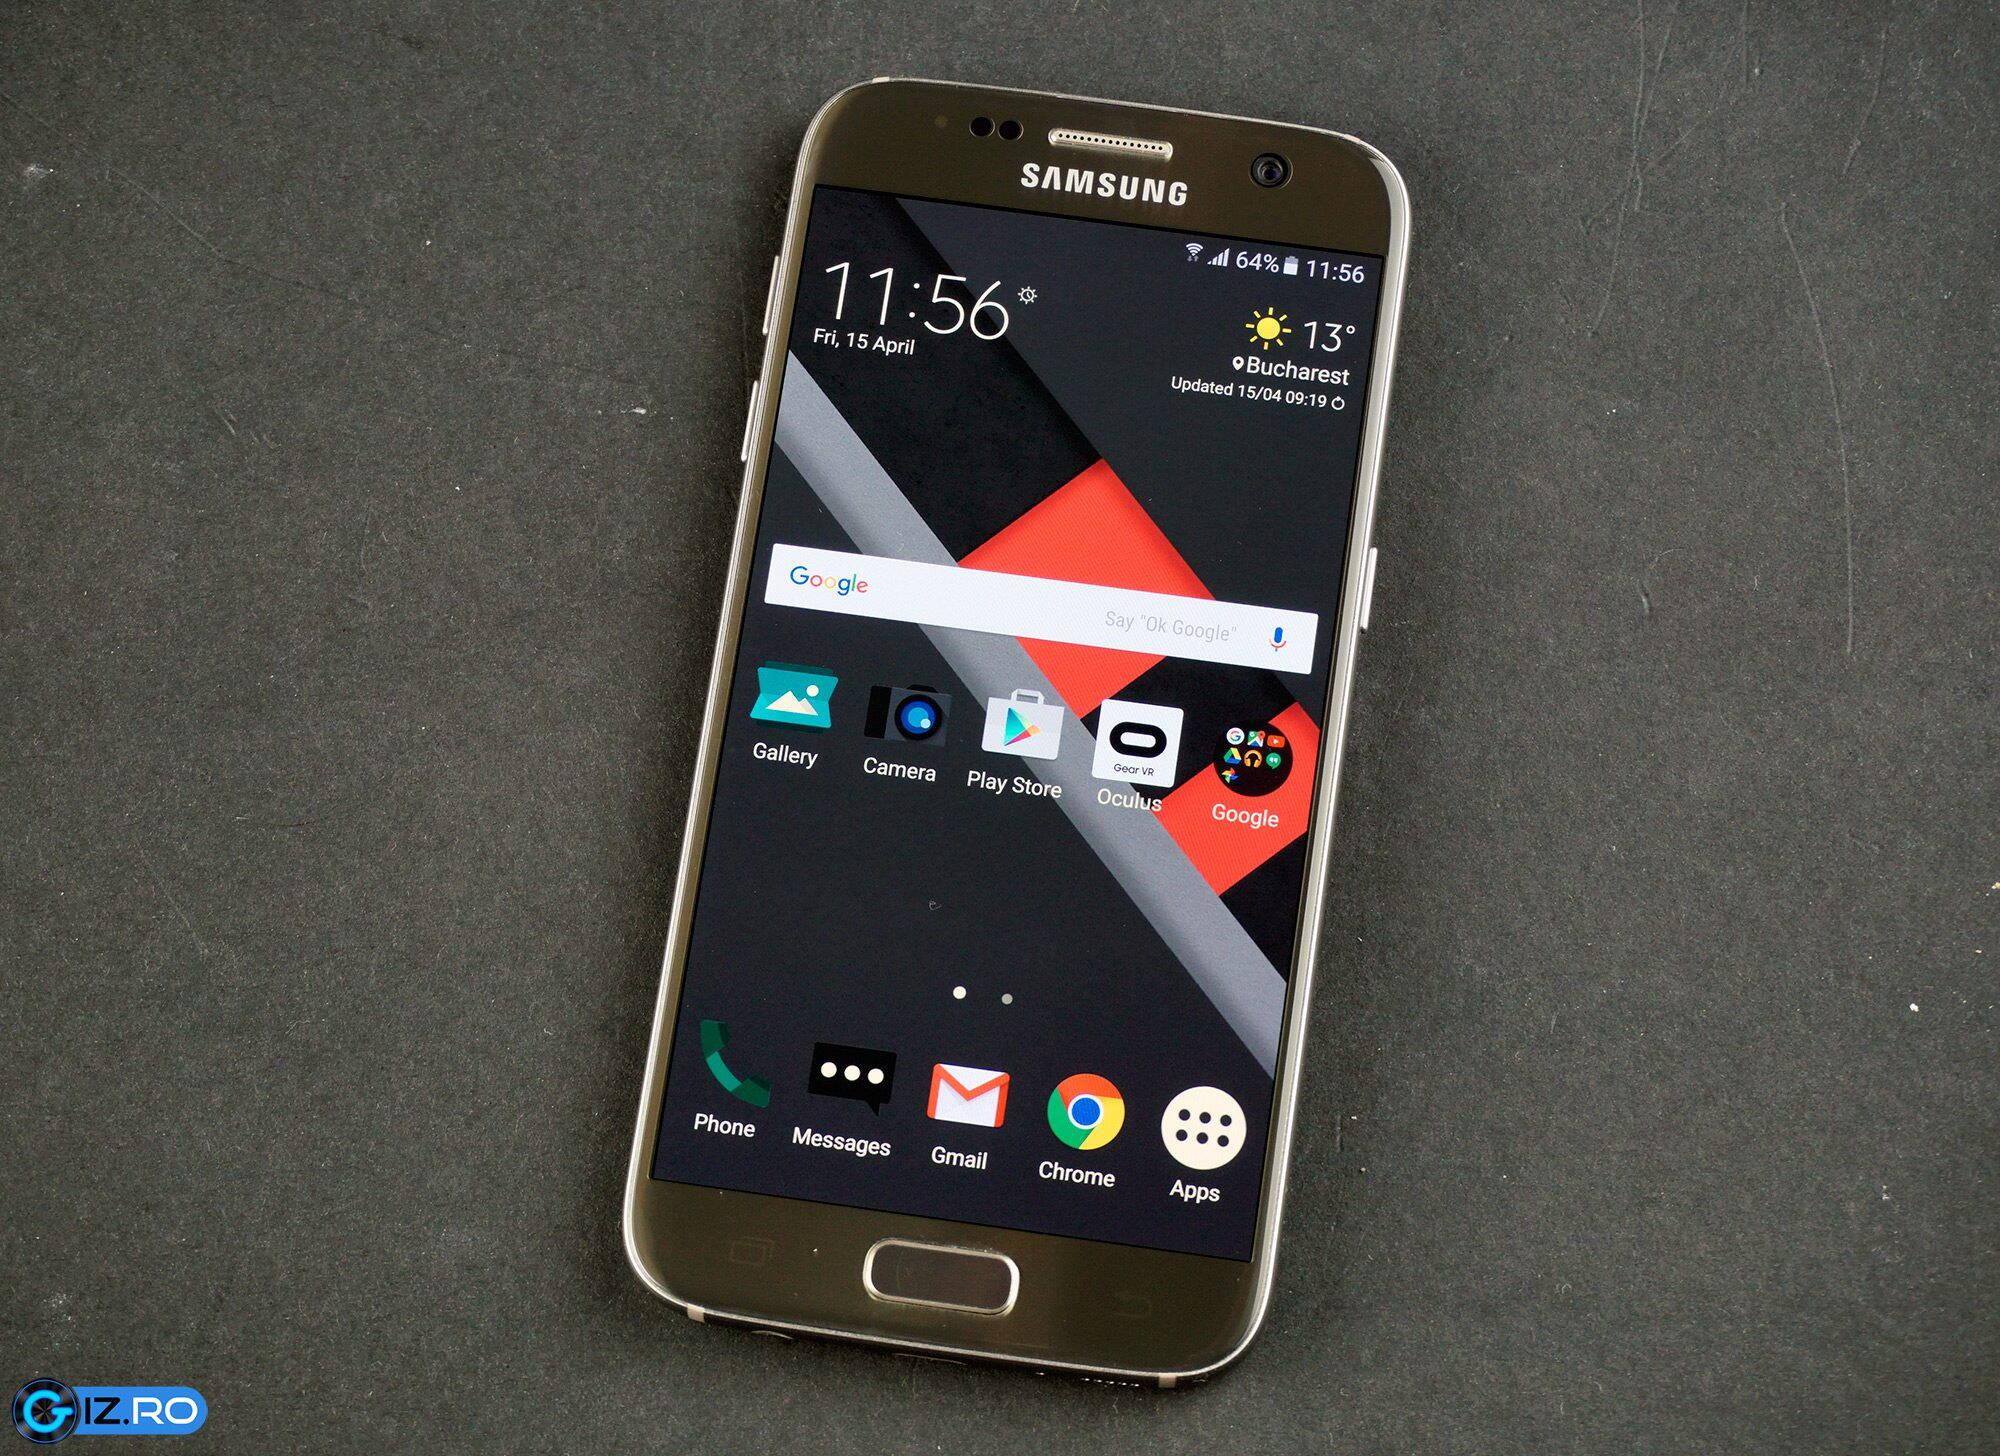 Samsung Galaxy S7, cel mai bun smartphone cu Android al momentului